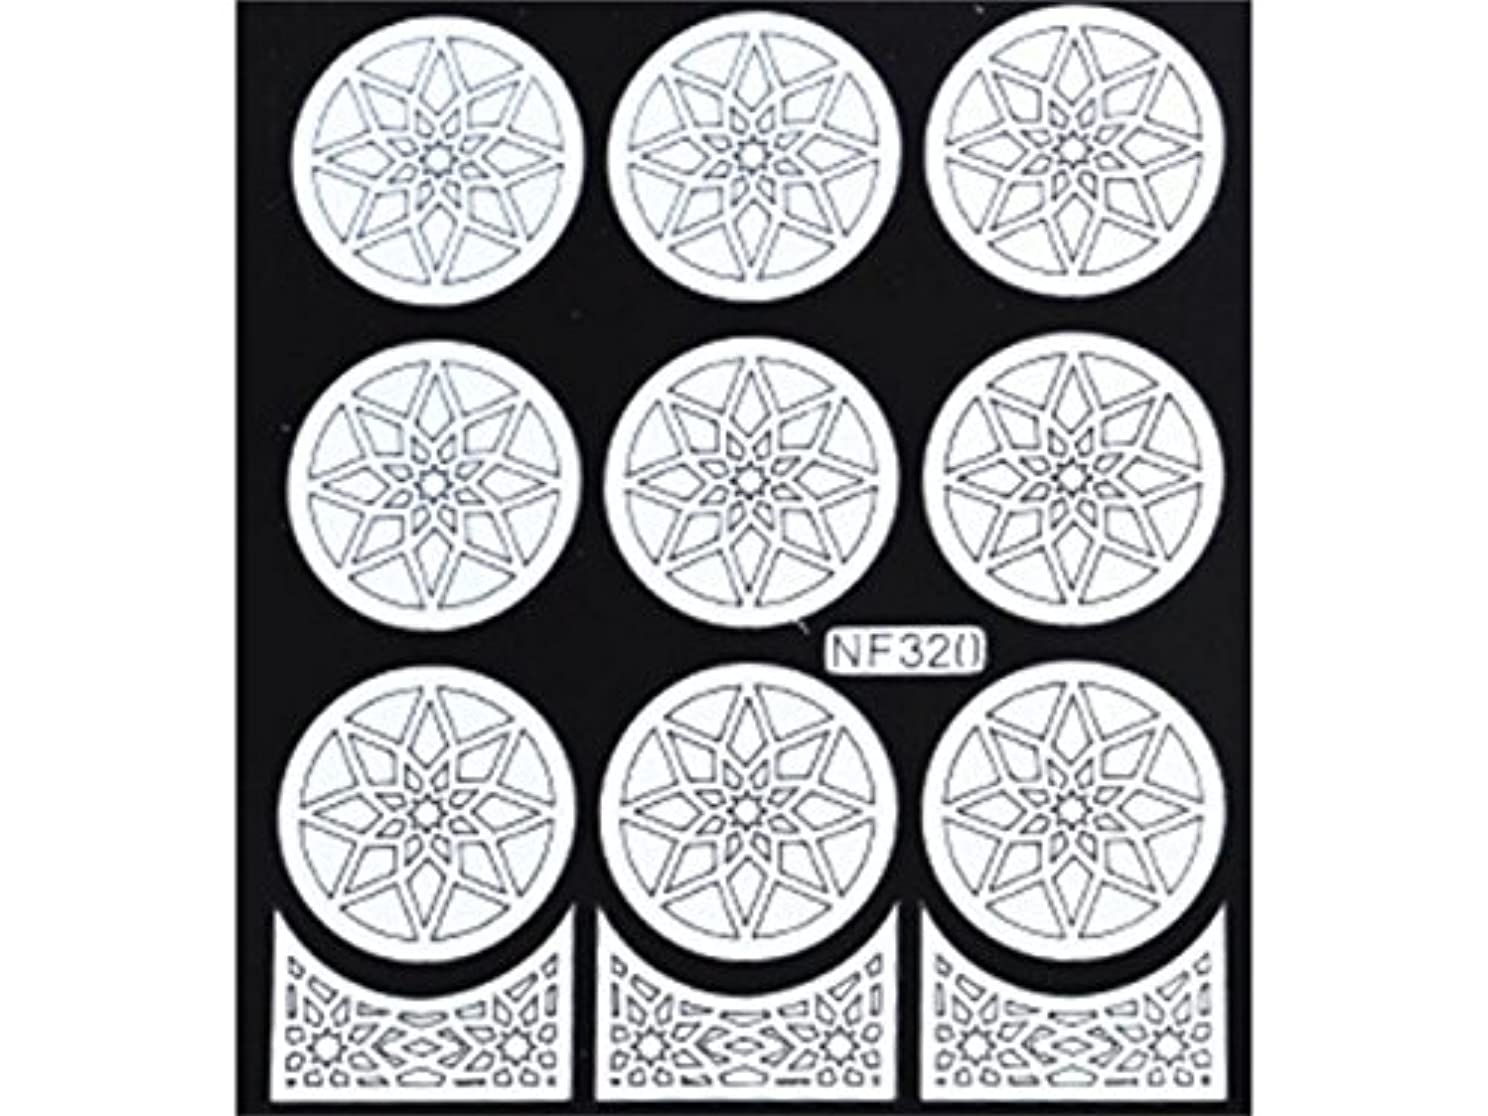 条件付きビールそれるOsize 女性のネイルステッカーネイルアートプレートをスタンピングネイルポリッシュマニキュア印刷テンプレートDIYの装飾(シルバー)